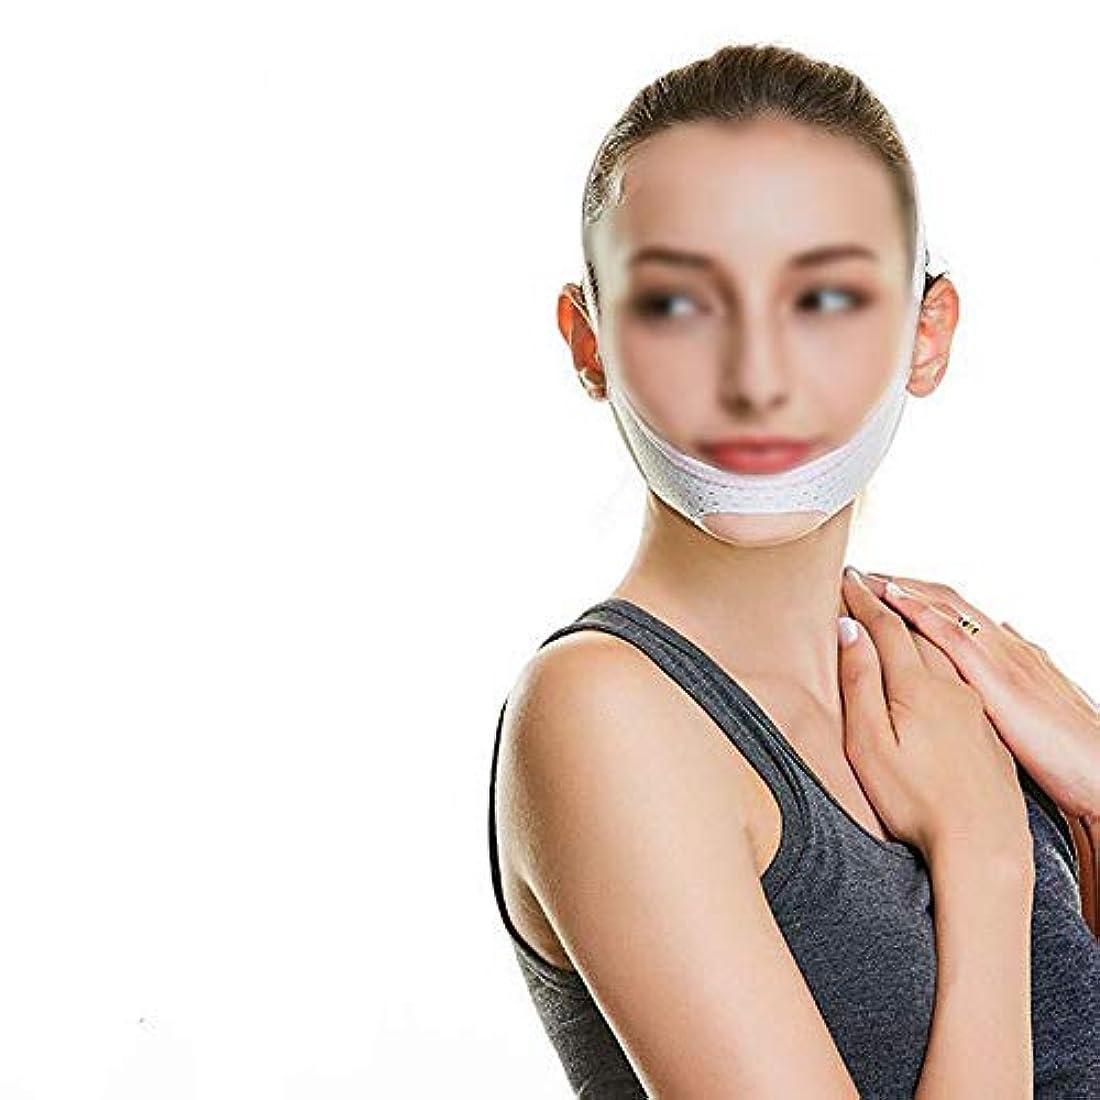 実現可能性ティッシュ湿ったTLMY フェイスリフティング包帯回復マスクあごVフェイスリフト引き締め睡眠薄い顔アーティファクト 顔用整形マスク